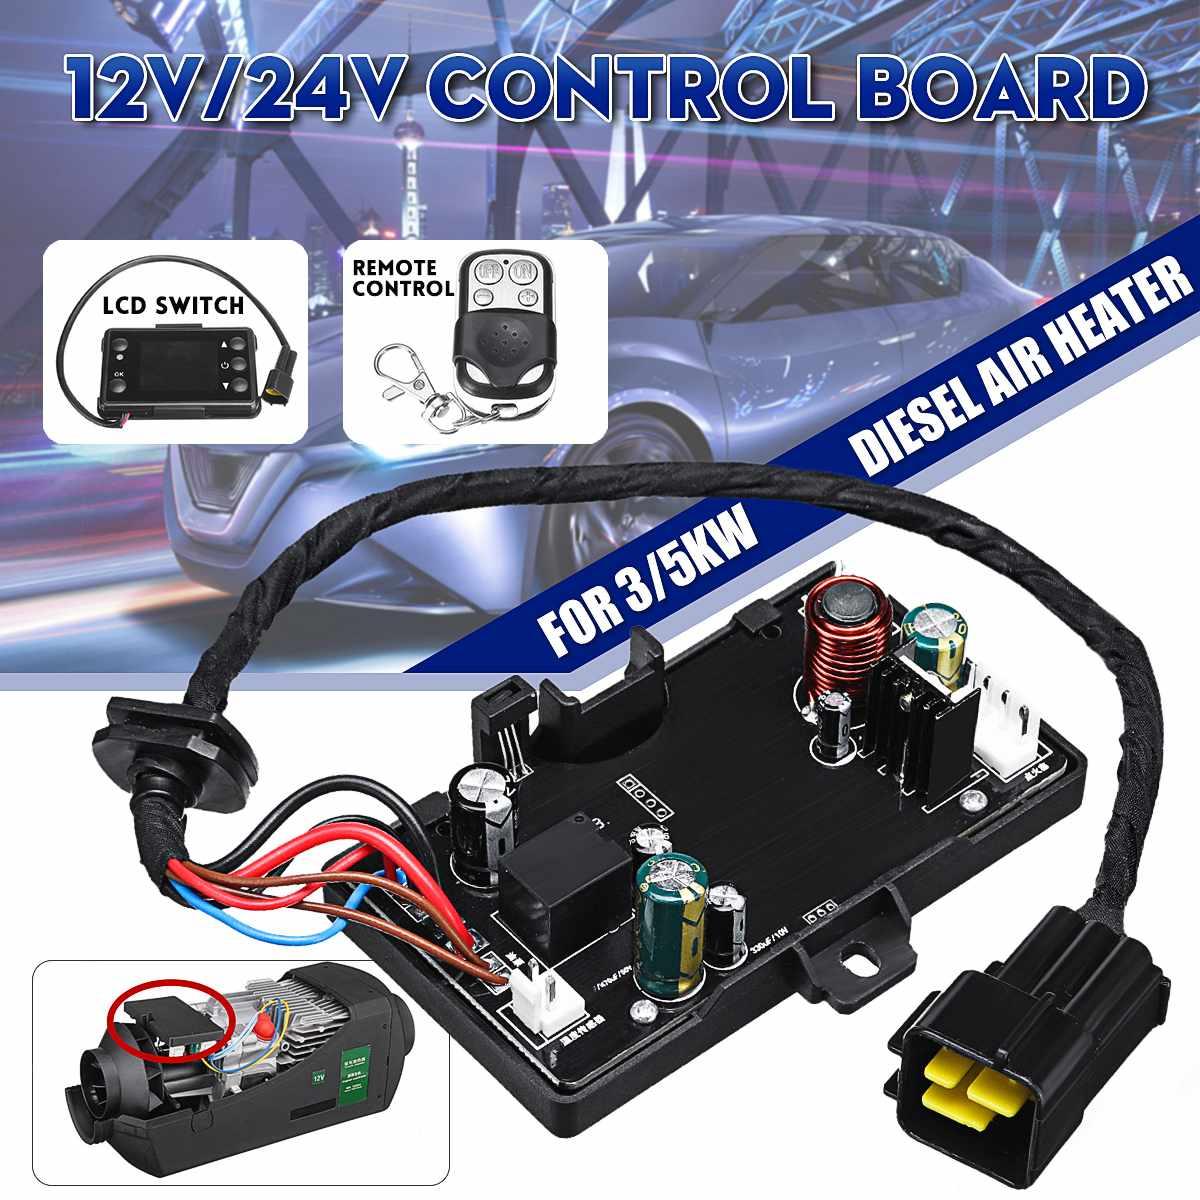 12 V/24 V Control Board LCD Schalter Fernbedienung Für Air Diesel Heizung 3-8KW Auto Parkplatz Heizung Controller board Für Auto Stamm